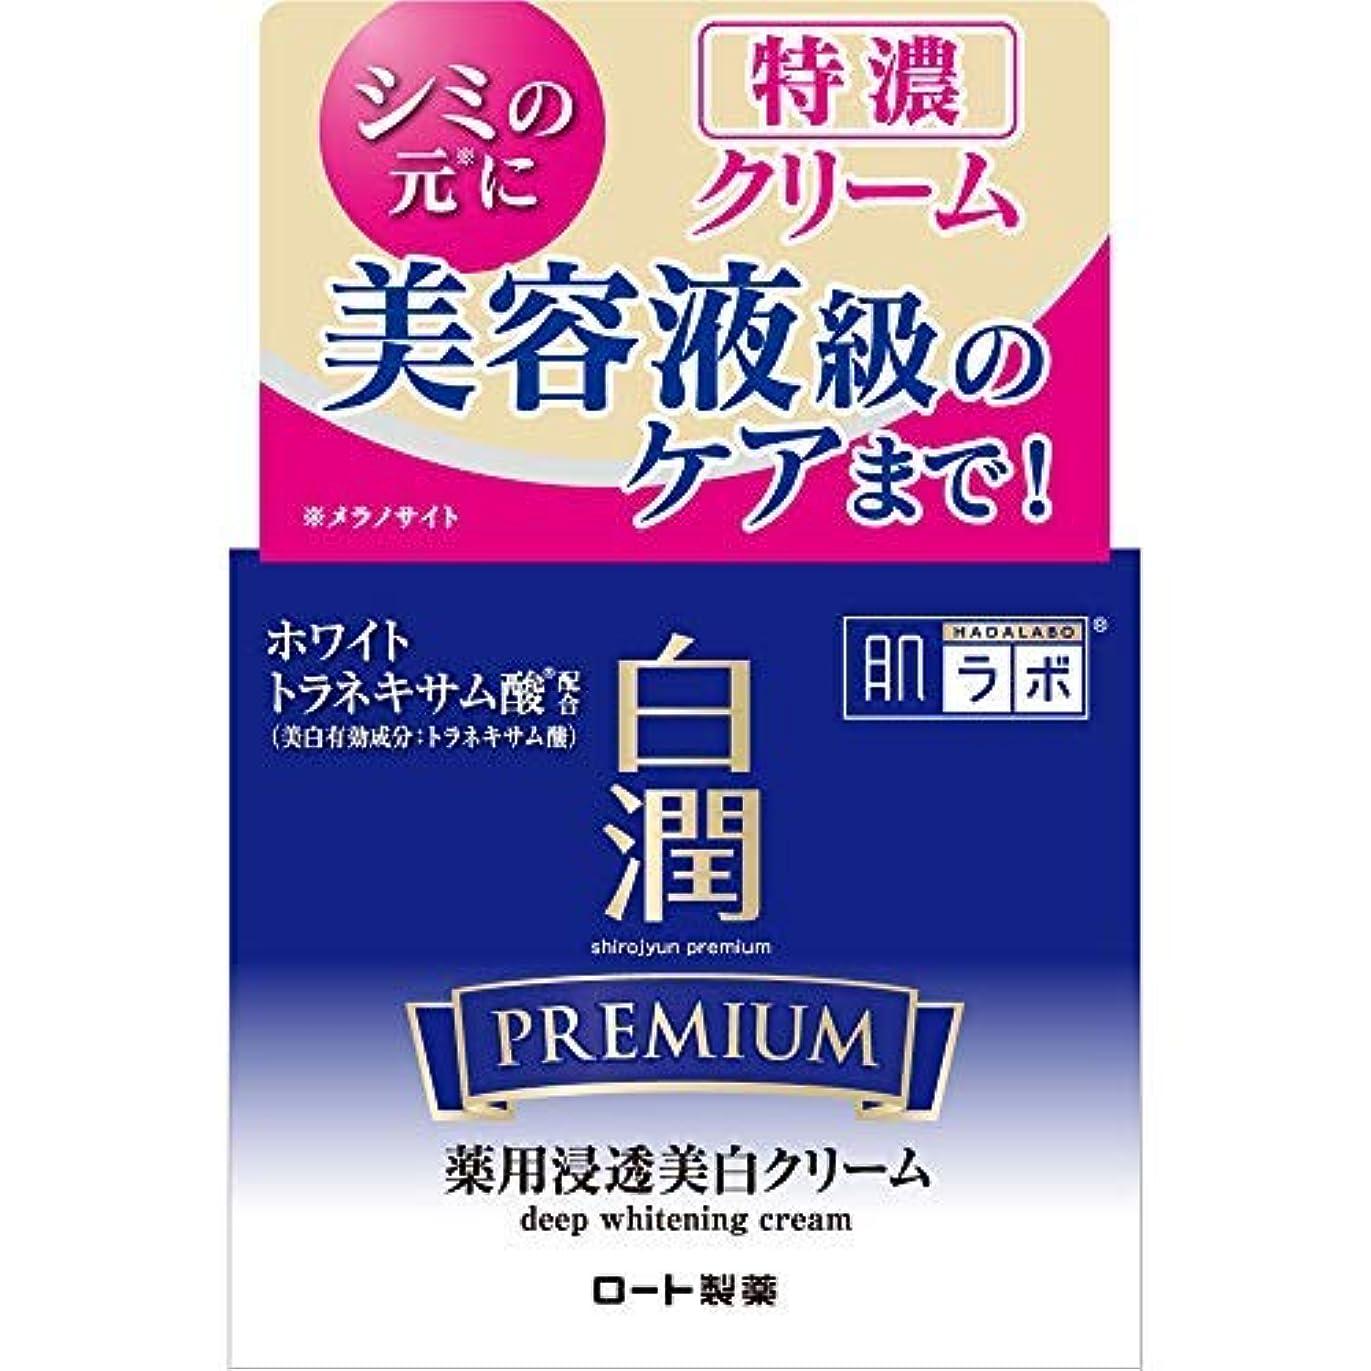 ハブブそして安価な肌ラボ 白潤プレミアム 薬用浸透美白クリーム × 10個セット